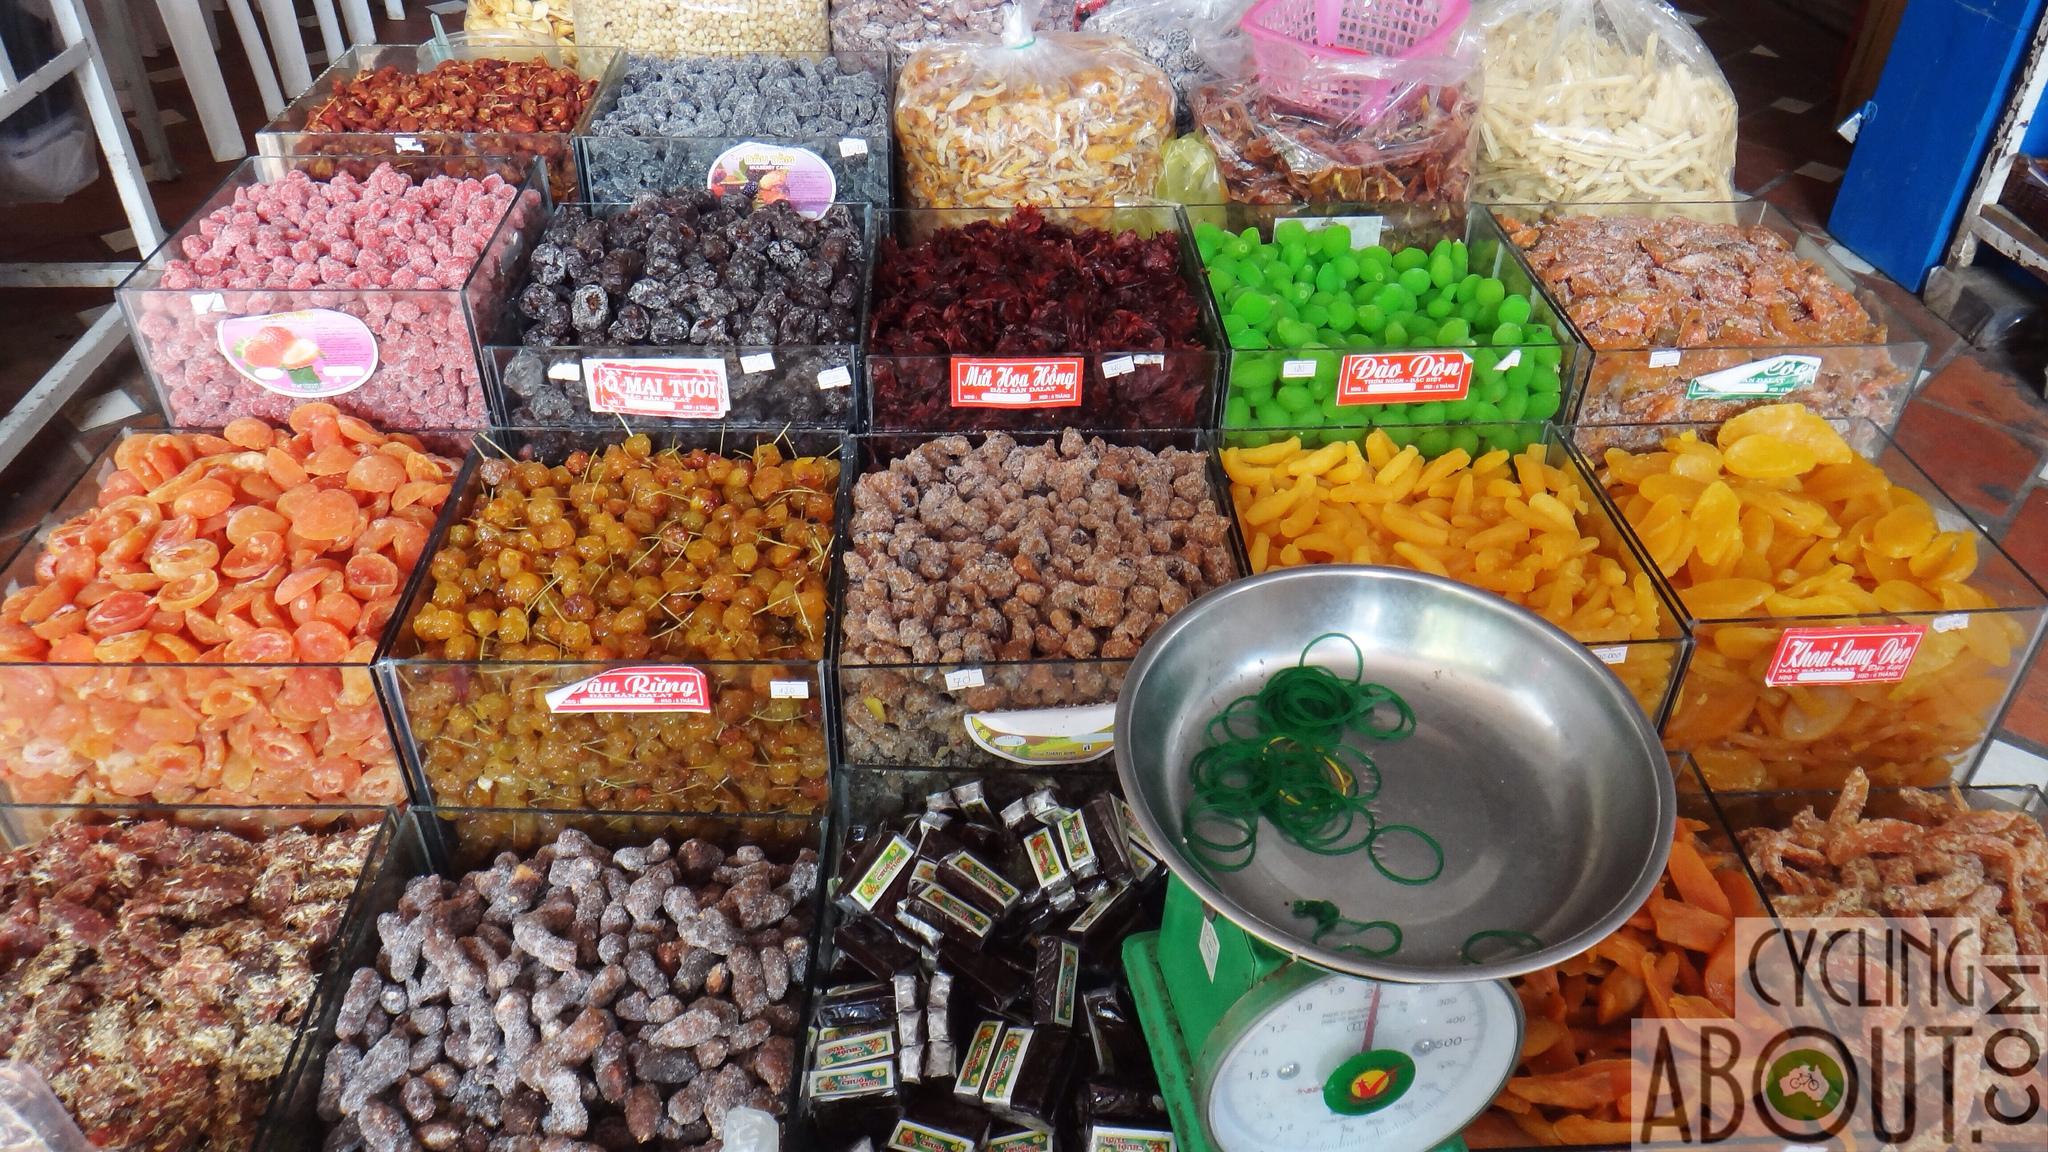 Alleykat_food market in Vietnam